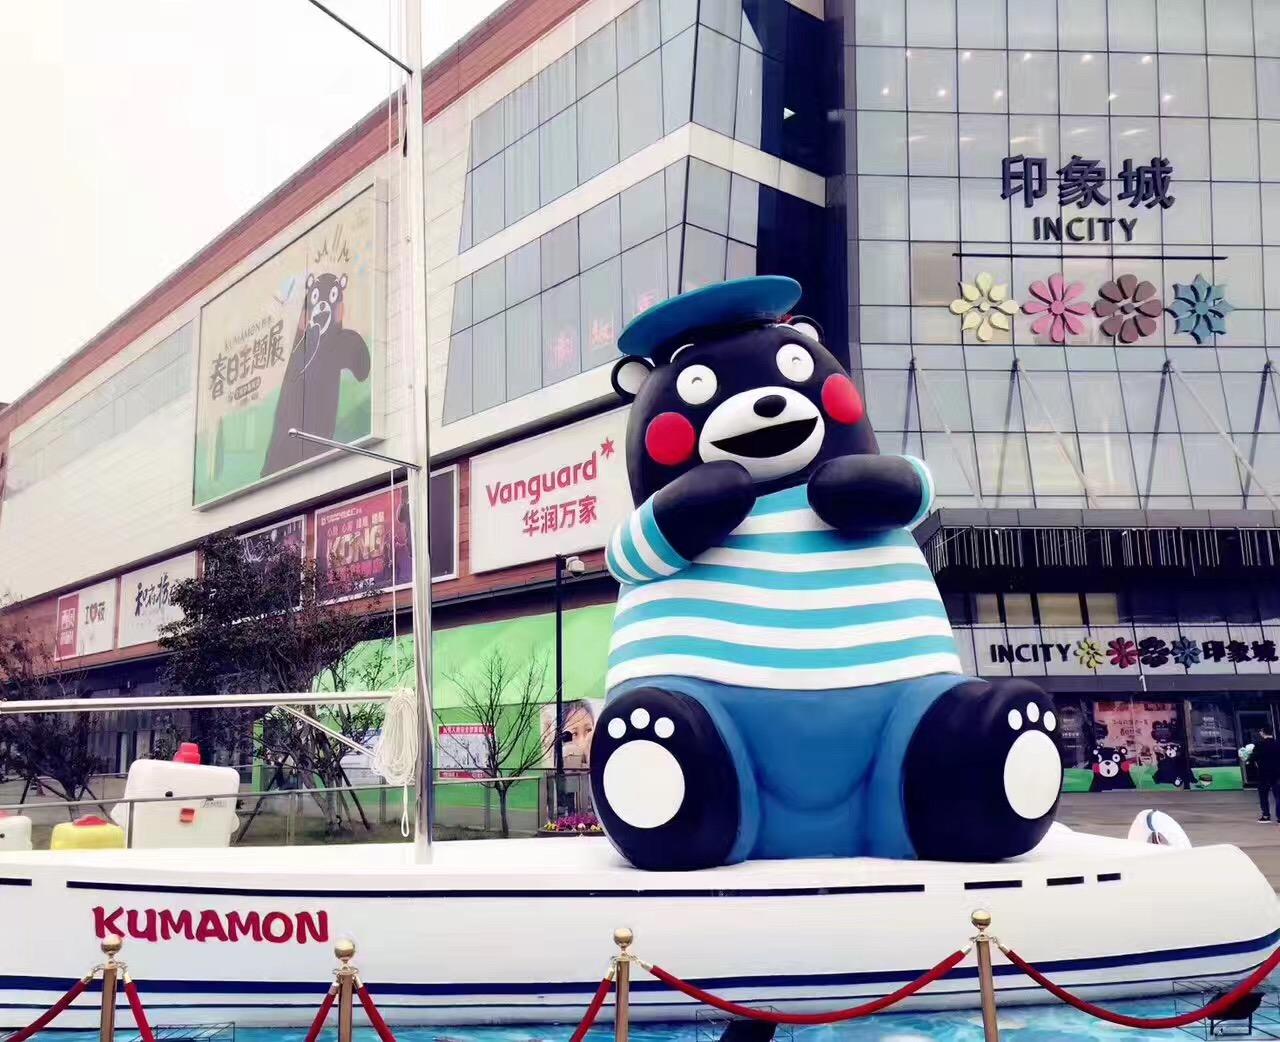 熊本熊宁波印象城主题亚博体育网页登录